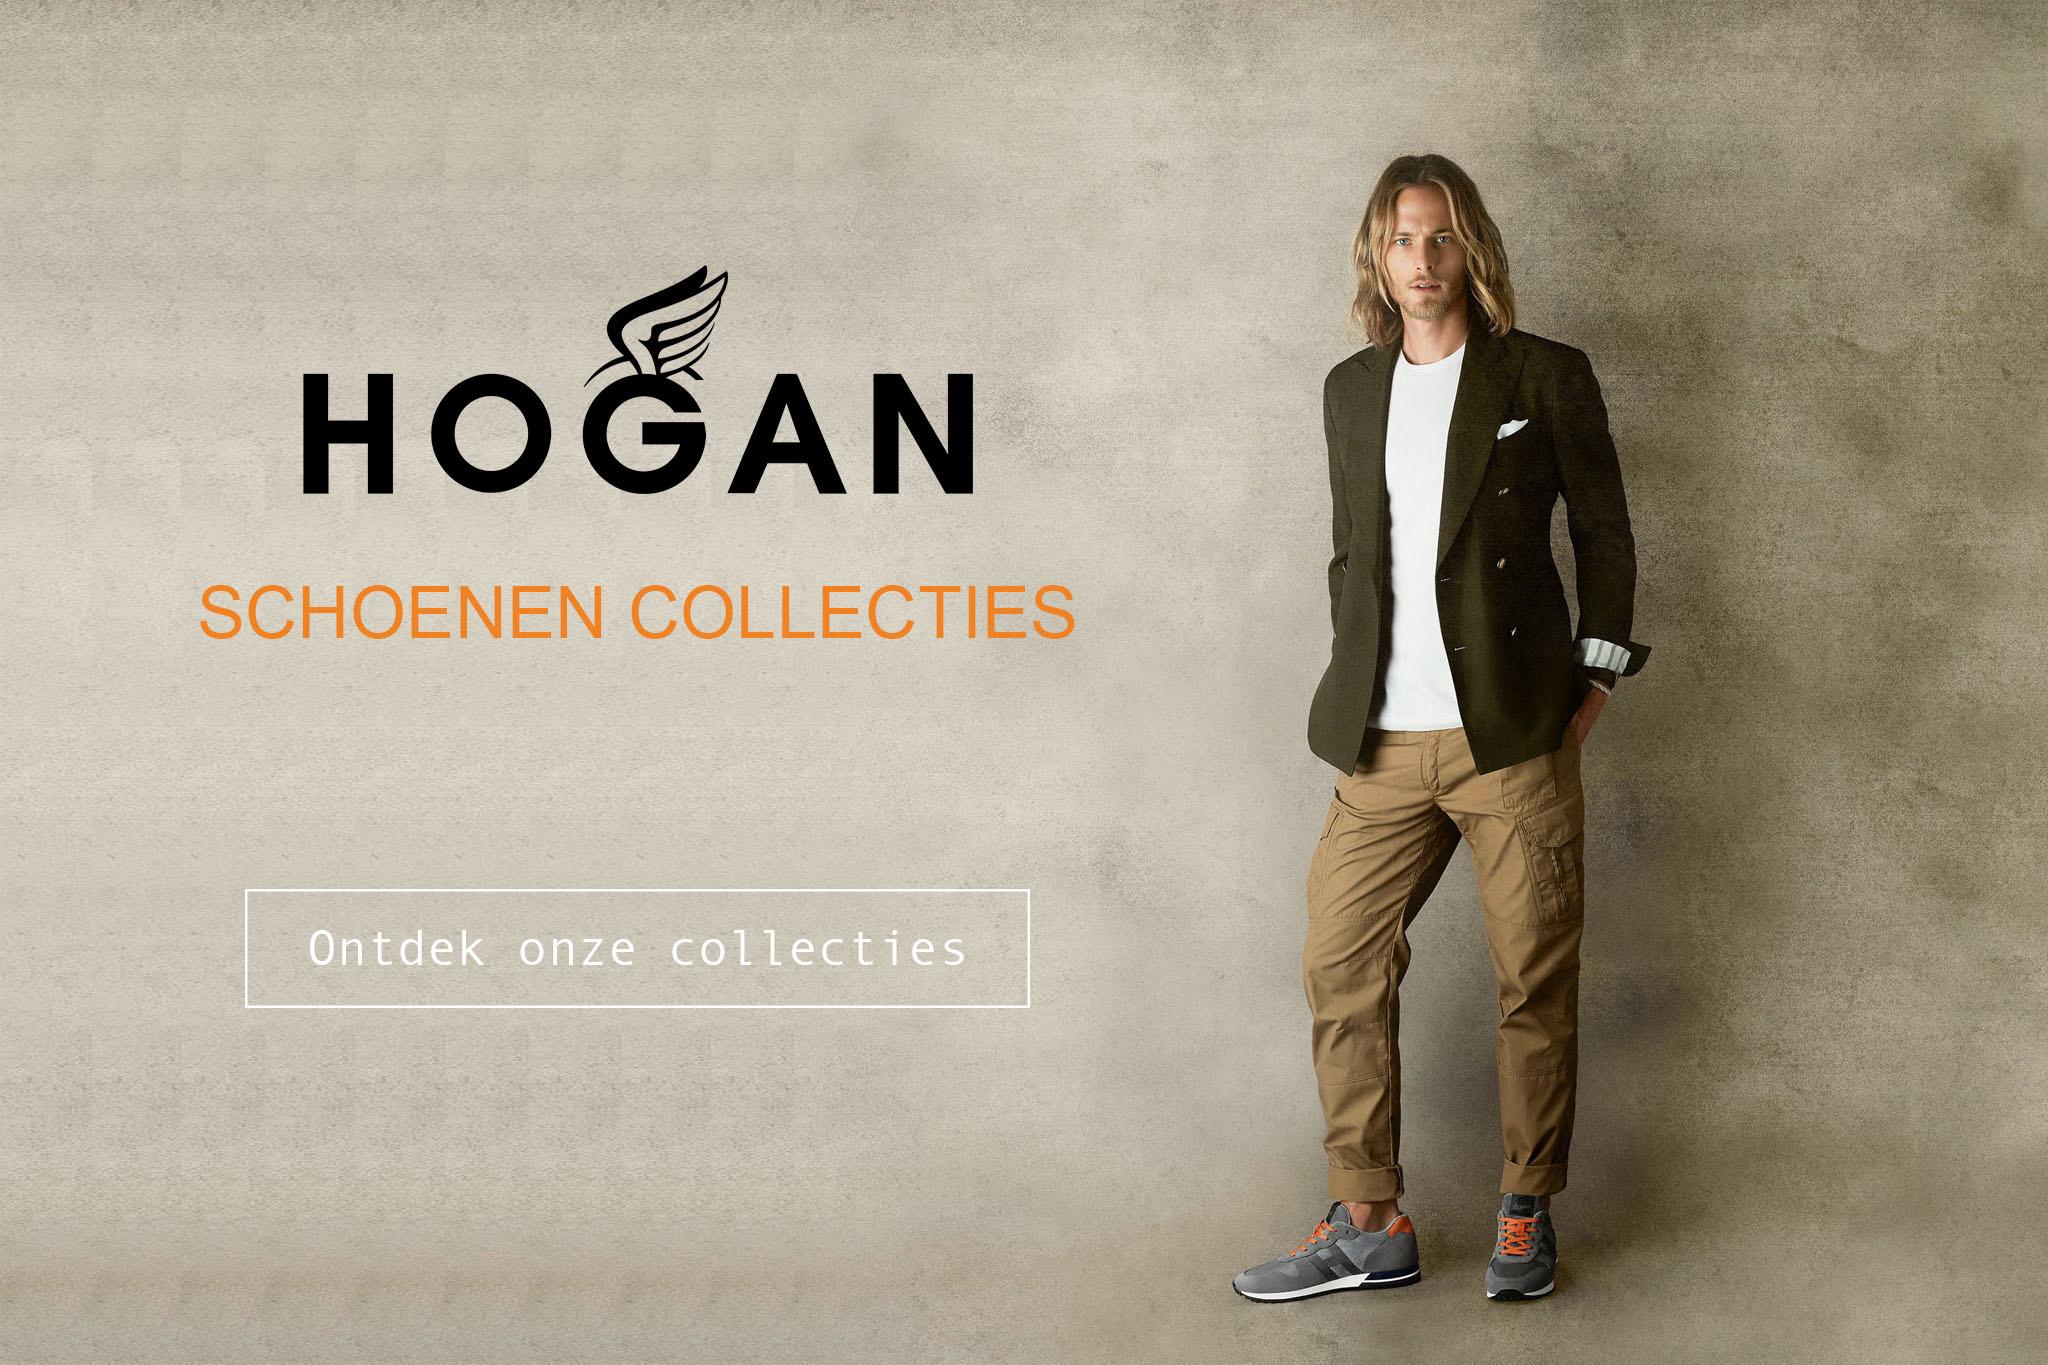 HOGAN Schoenen Collecties